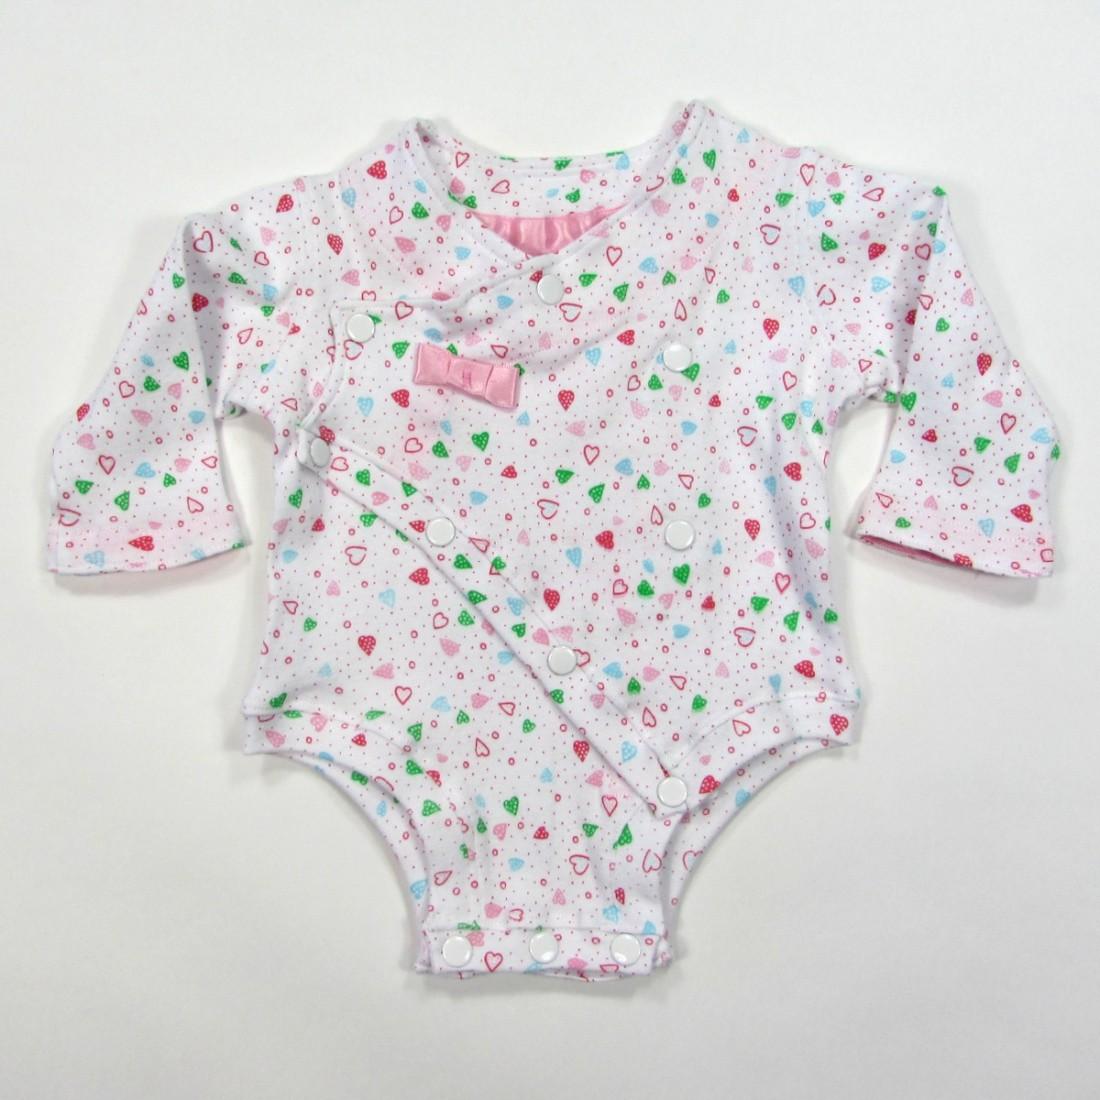 Body blanc avec petits coeurs bébé fille 3 mois